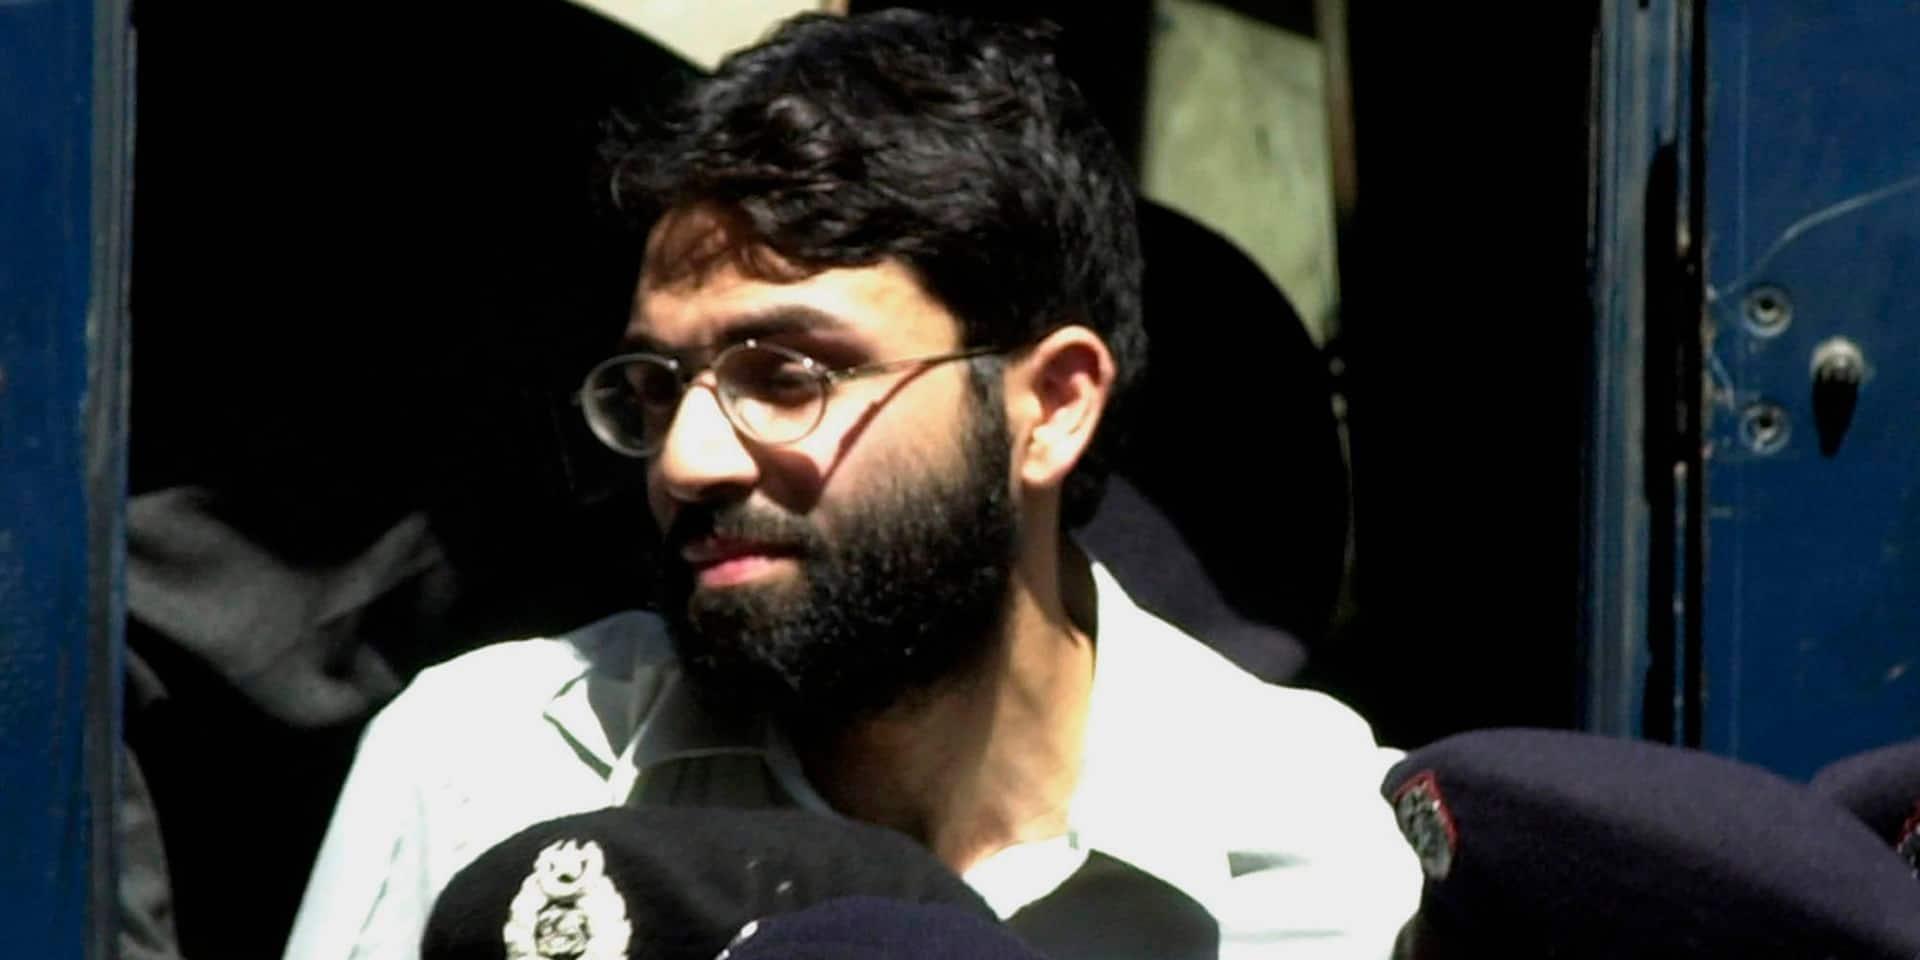 Journaliste américain kidnappé et décapité à Karachi en 2002: la justice pakistanaise ordonne la libération de l'homme condamné